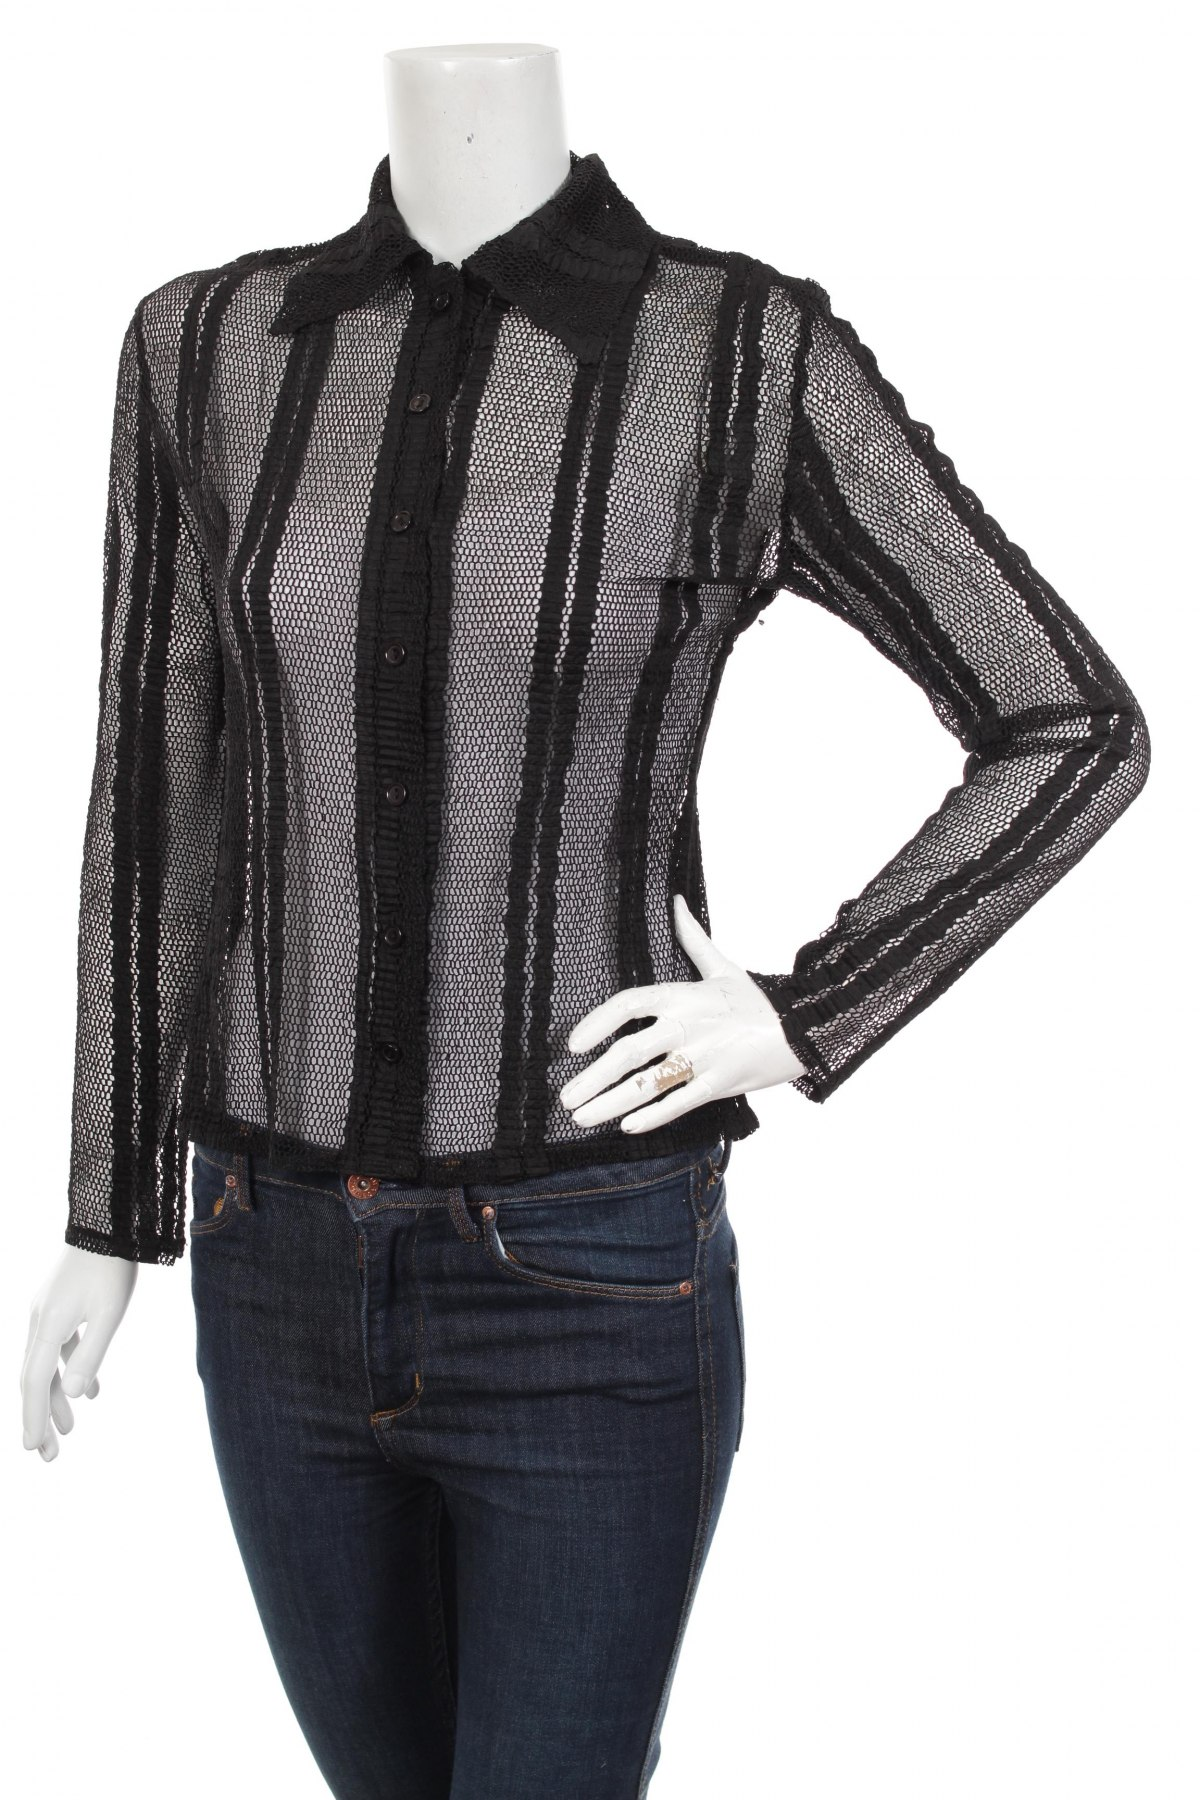 Γυναικείο πουκάμισο, Μέγεθος M, Χρώμα Μαύρο, Τιμή 26,80€